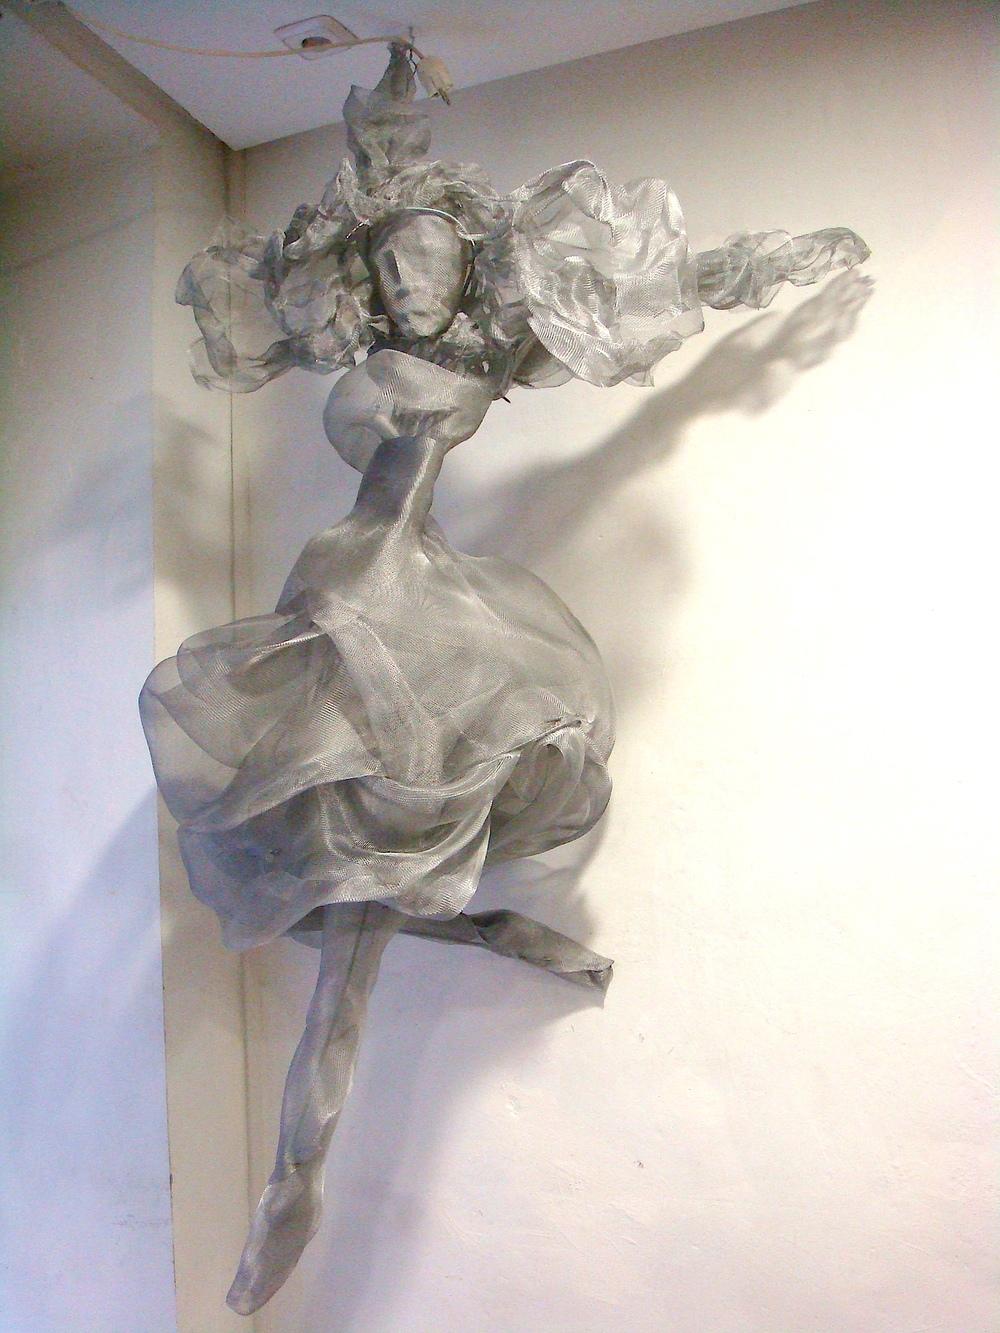 Title: Dancer    Materials: Several materials